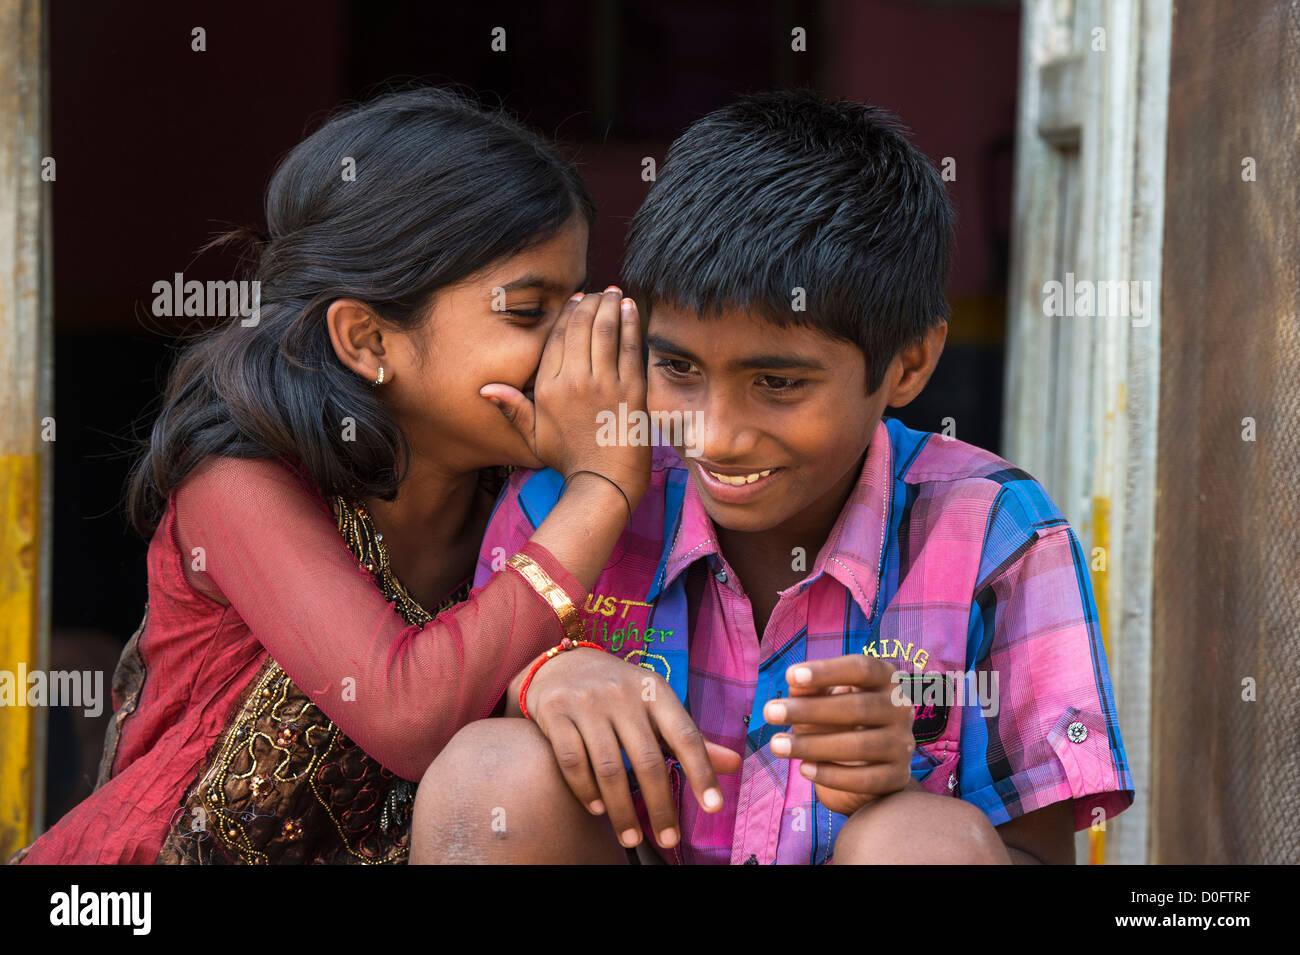 Jeune indienne chuchoter à un garçon à l'extérieur de leur maison de l'Inde rurale viilage. L'Andhra Pradesh, Inde Banque D'Images